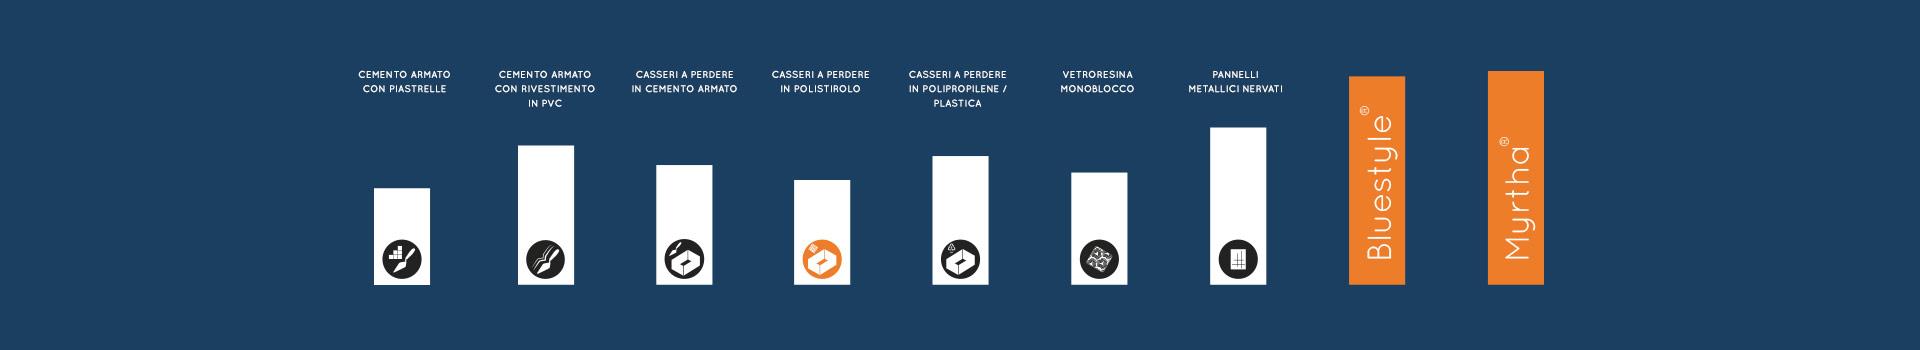 Casseri a perdere in polistirolo piscine castiglione for Casseri in polistirolo per piscine